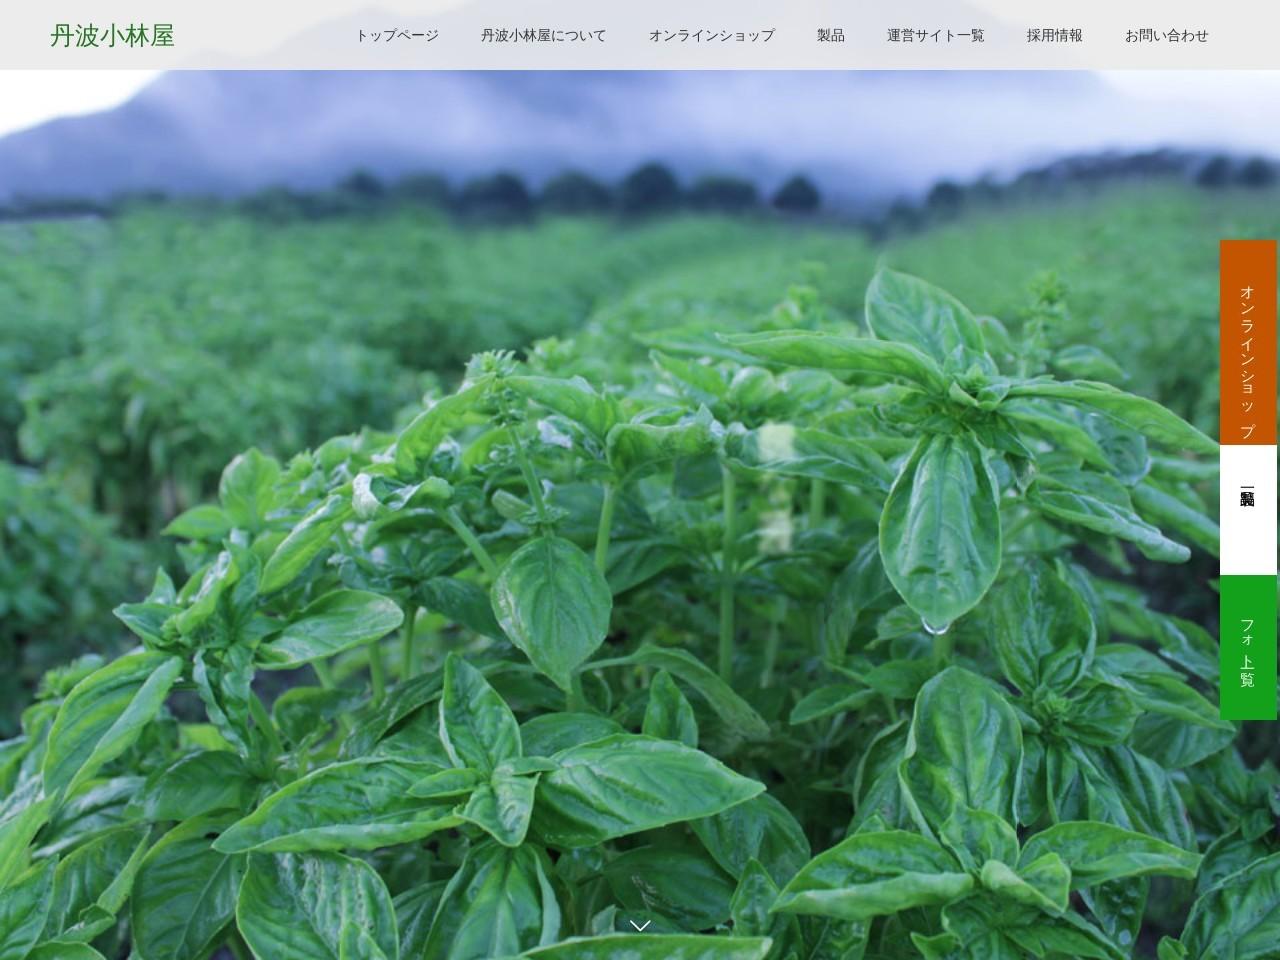 丹波小林屋 | バジル茶で「こころもカラダも健康に」